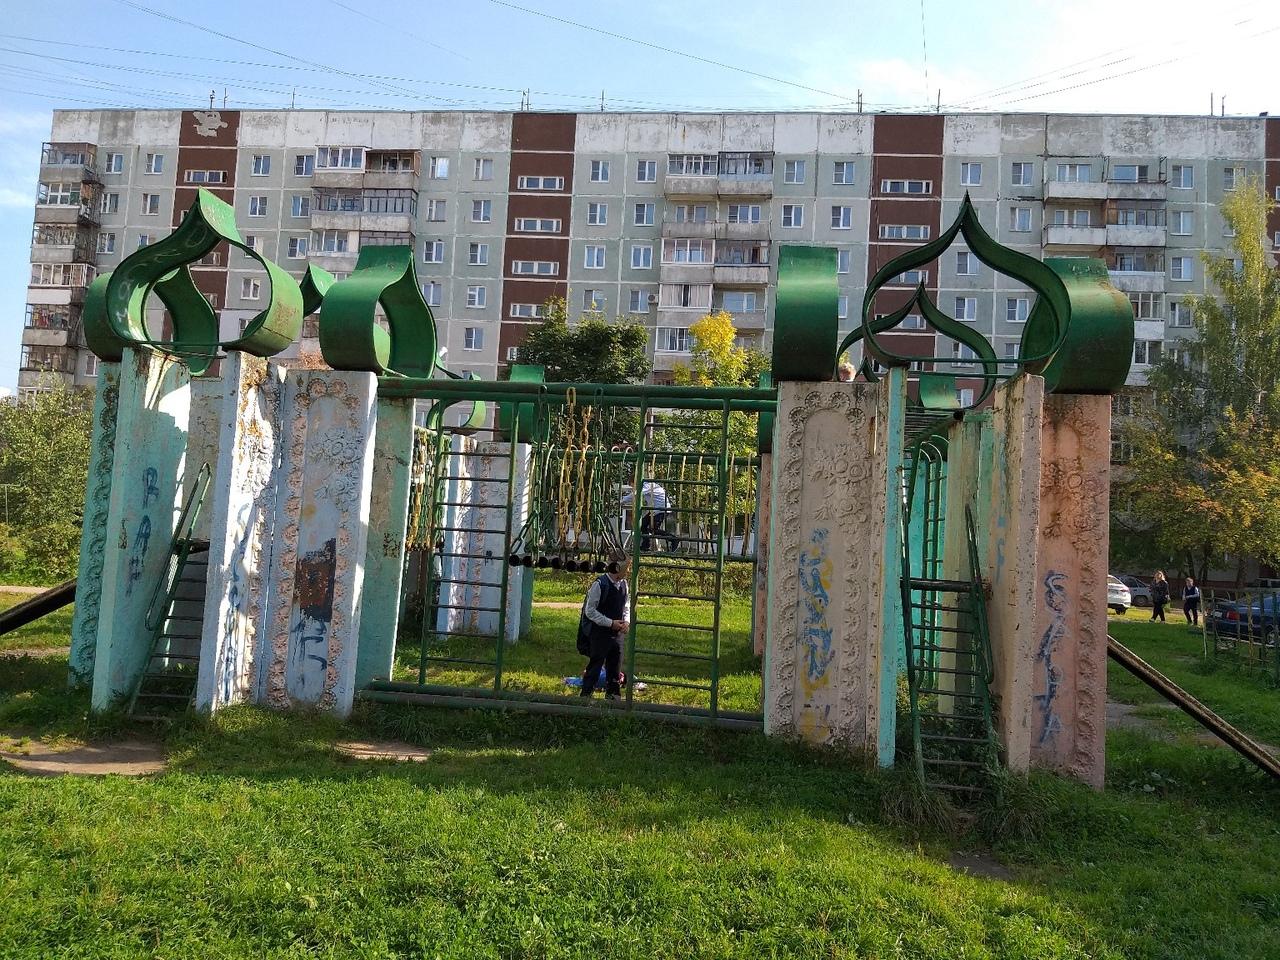 «Единственная в своем роде»: в Ярославле решают судьбу эксклюзивной детской площадки